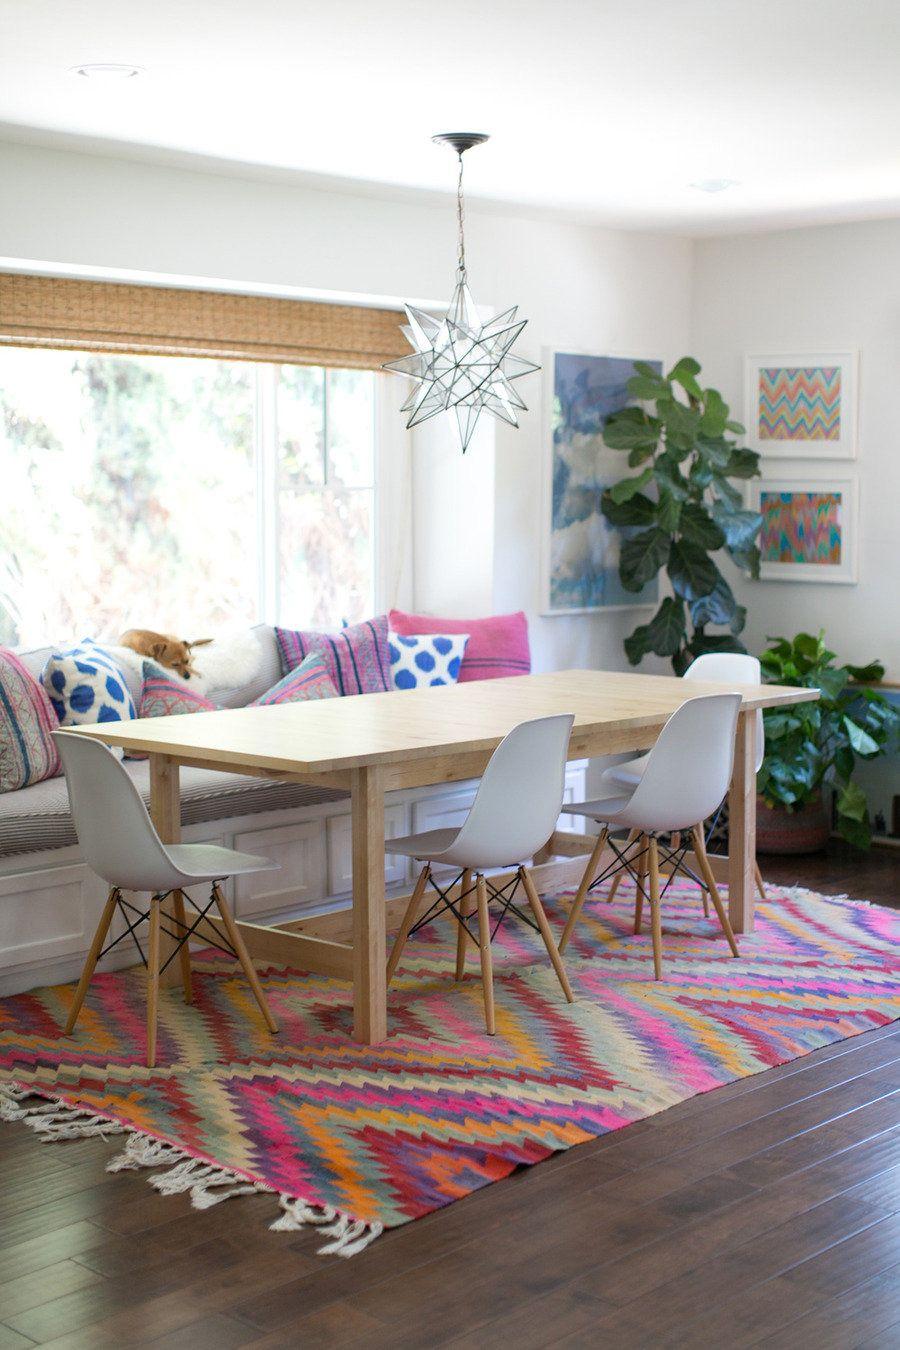 Esszimmer mit Farbe - Pink- Teppich Bunt Pink - Eames DSW Stuhl in ...